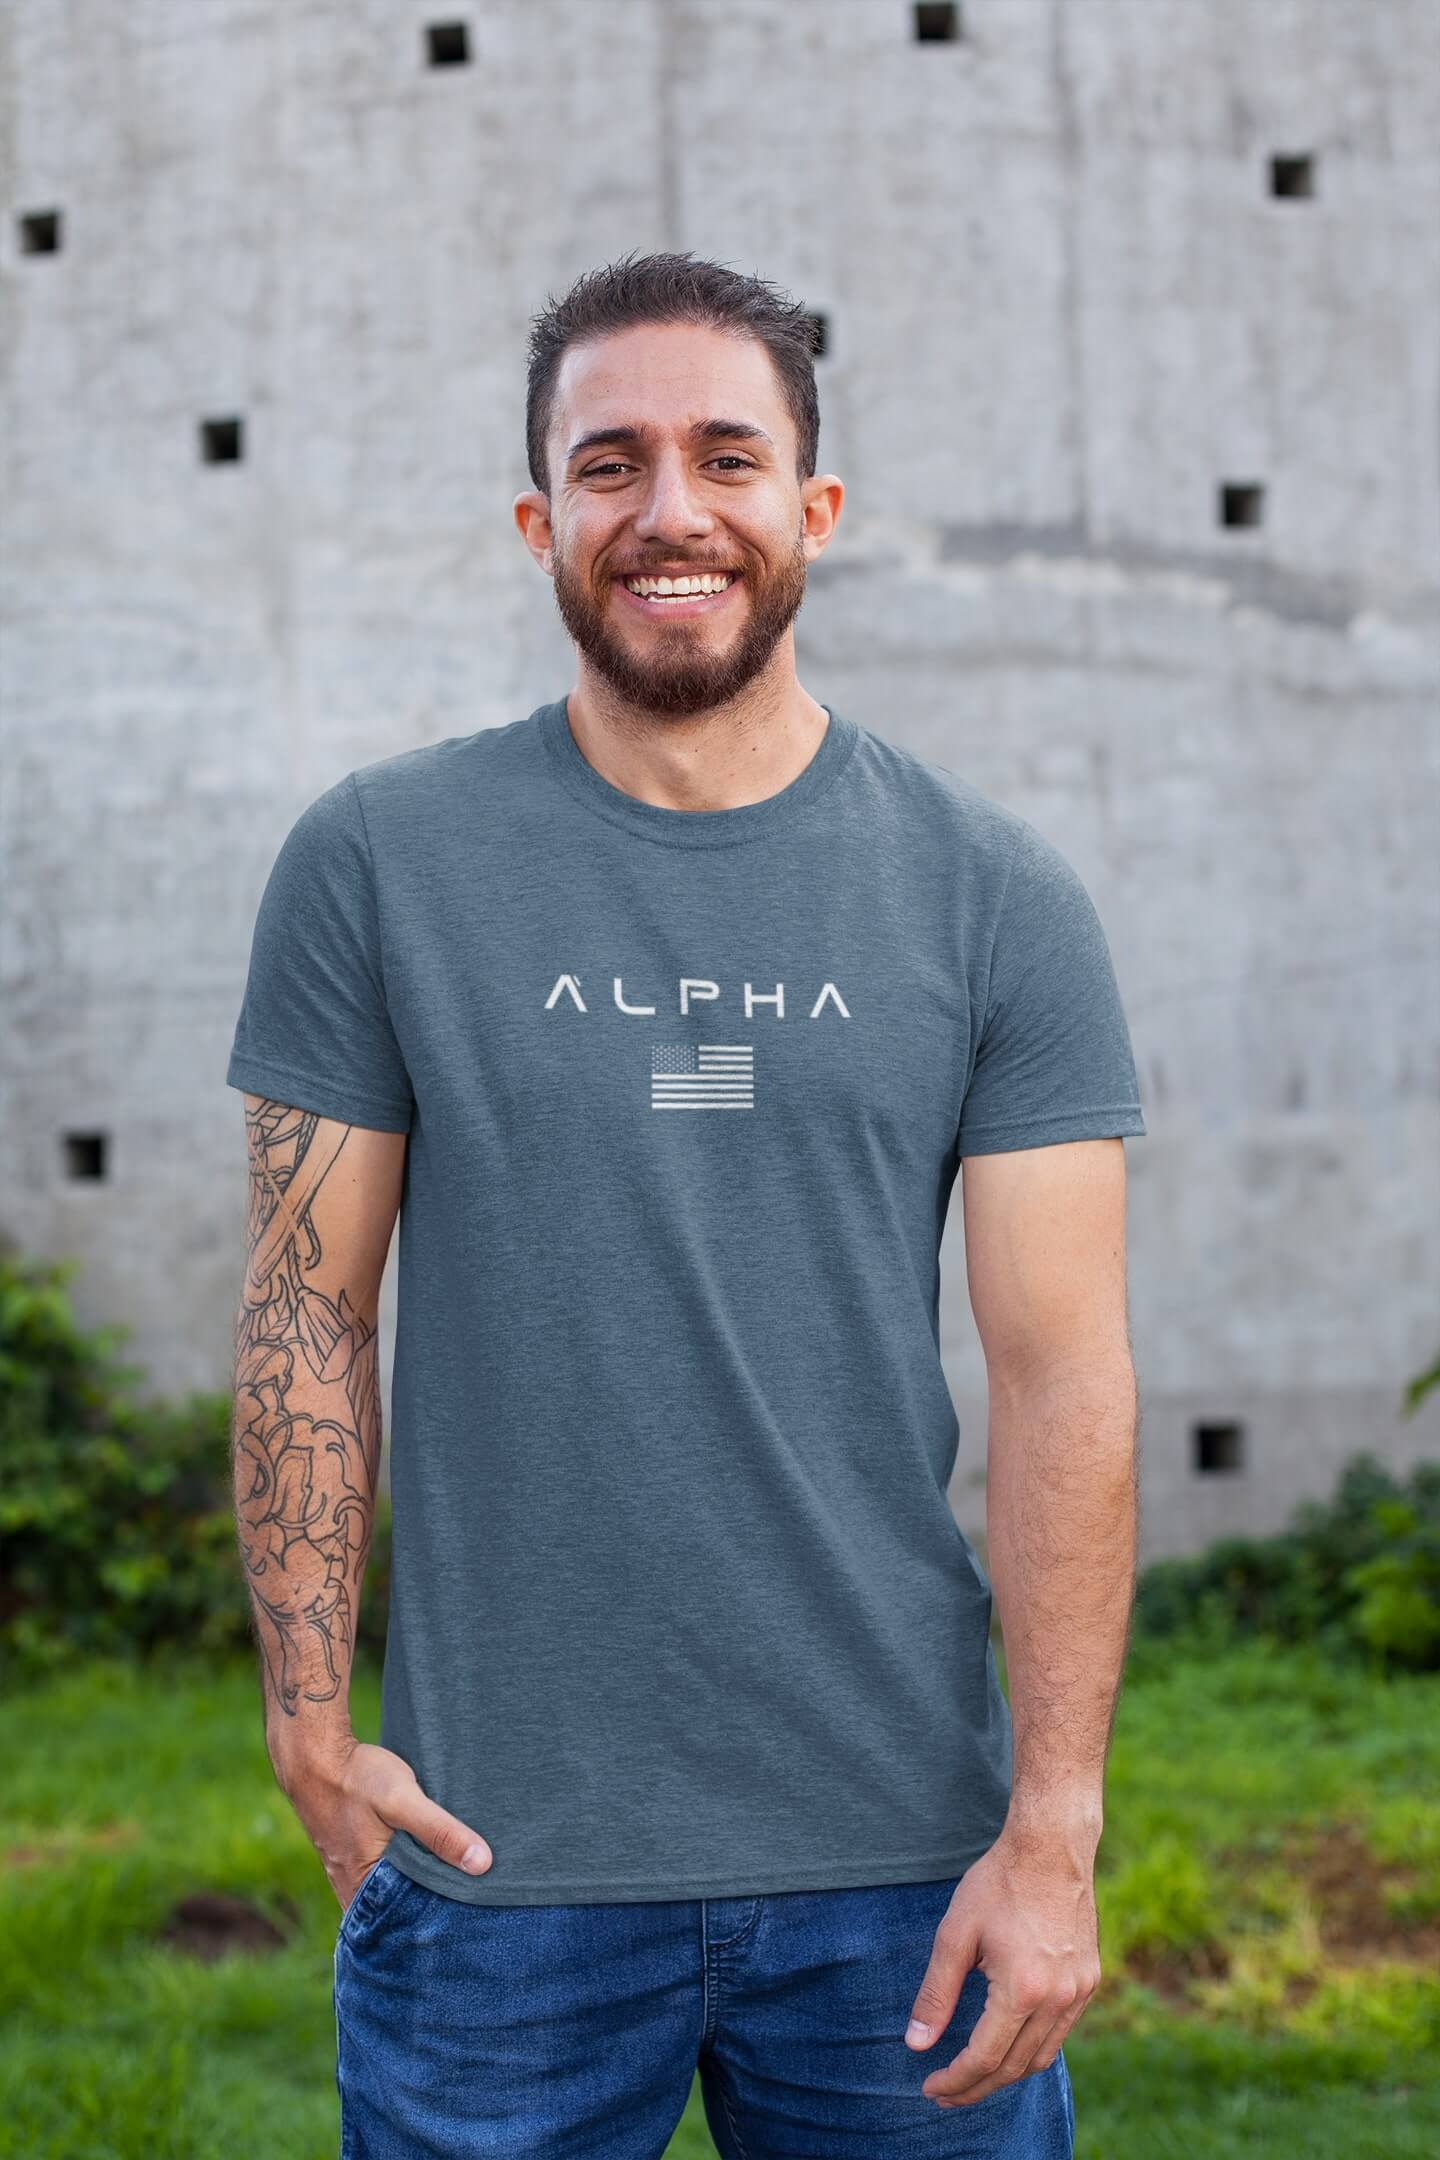 MMO Pánske tričko ALPHA Vyberte farbu: Denim, Vyberte veľkosť: XS